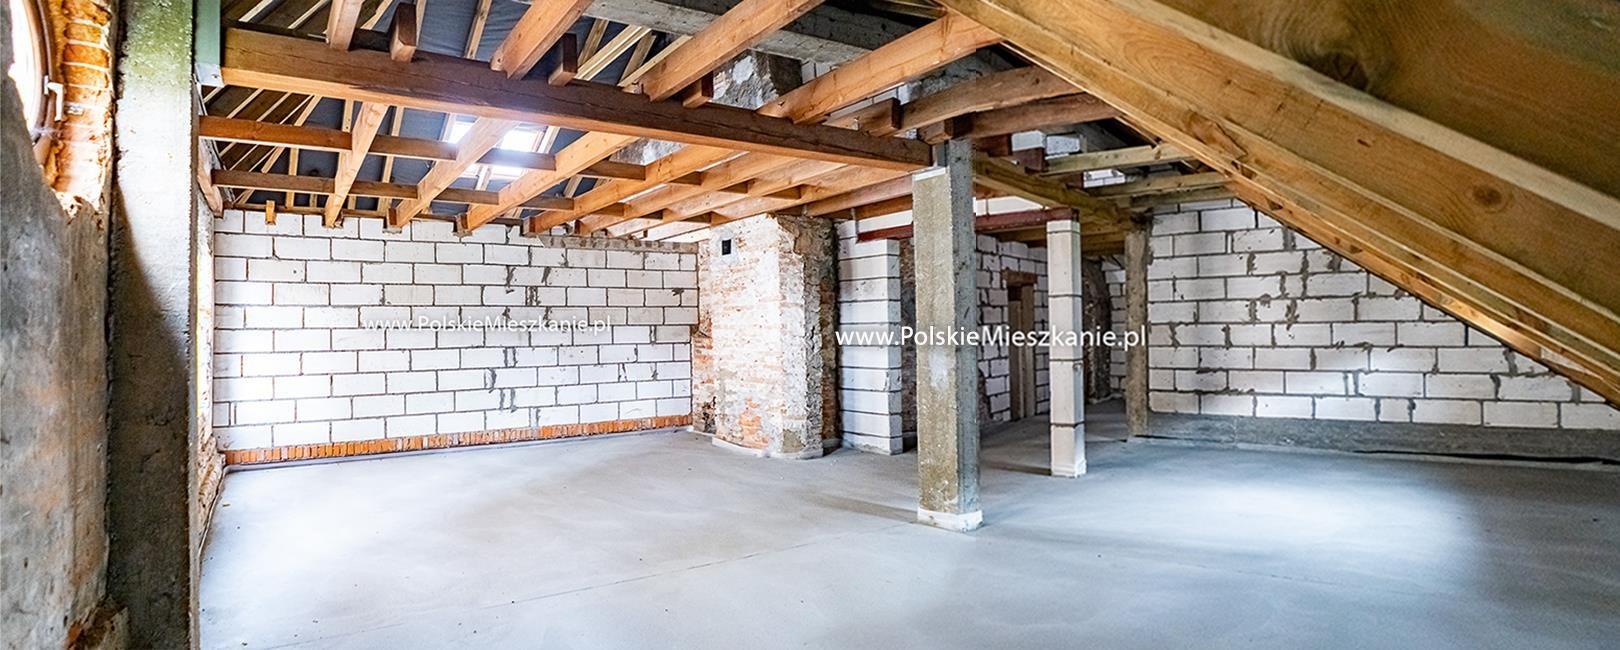 Mieszkanie dwupokojowe na sprzedaż Przemyśl, 3 Maja  83m2 Foto 5